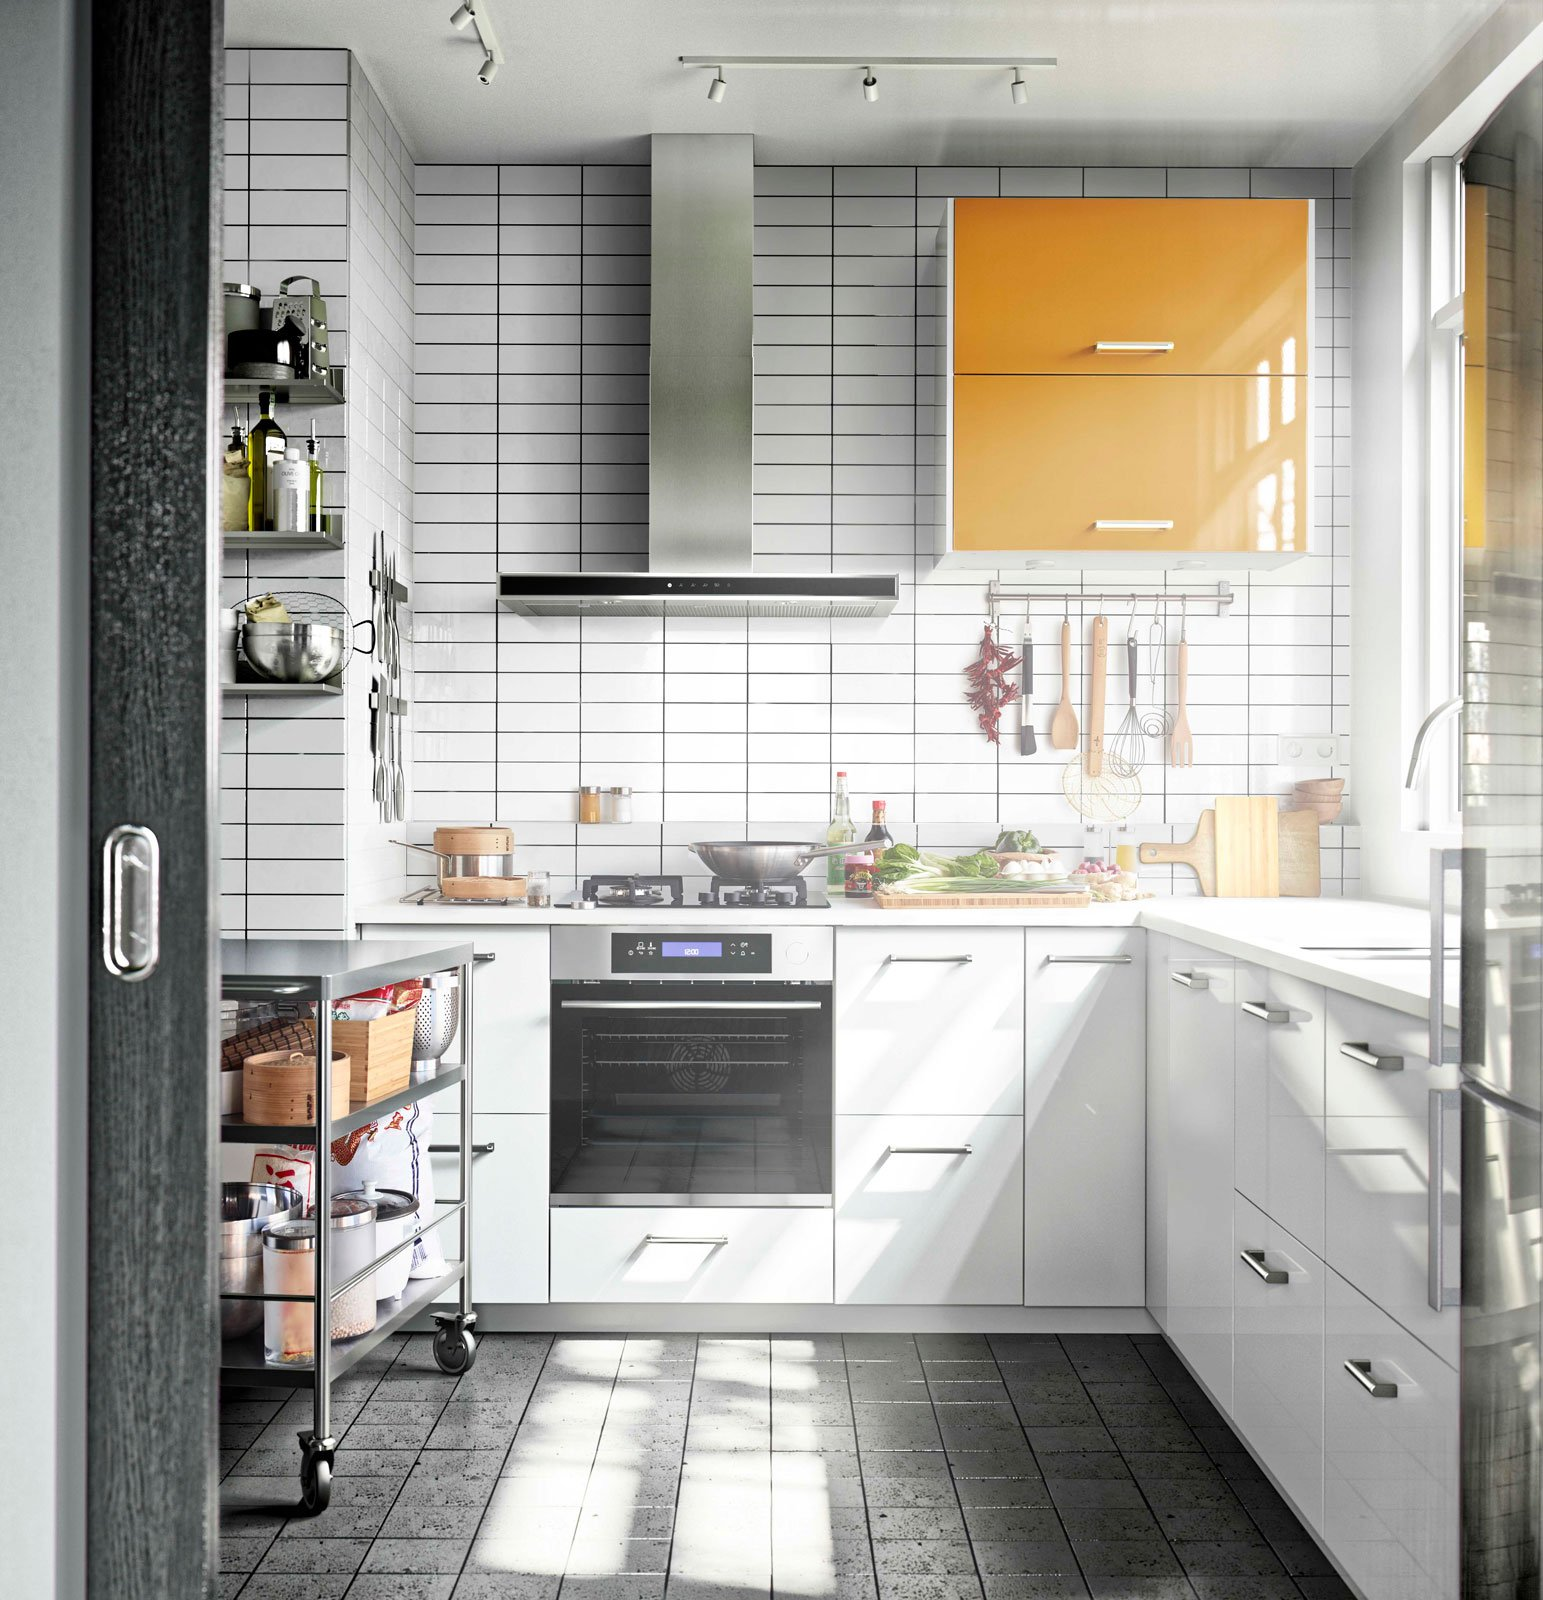 Metod/Ringhult/Jarsta Di Ikea è Una Cucina Componibile Con Ante In  #A57026 1543 1600 Top Cucina In Laminato Opinioni